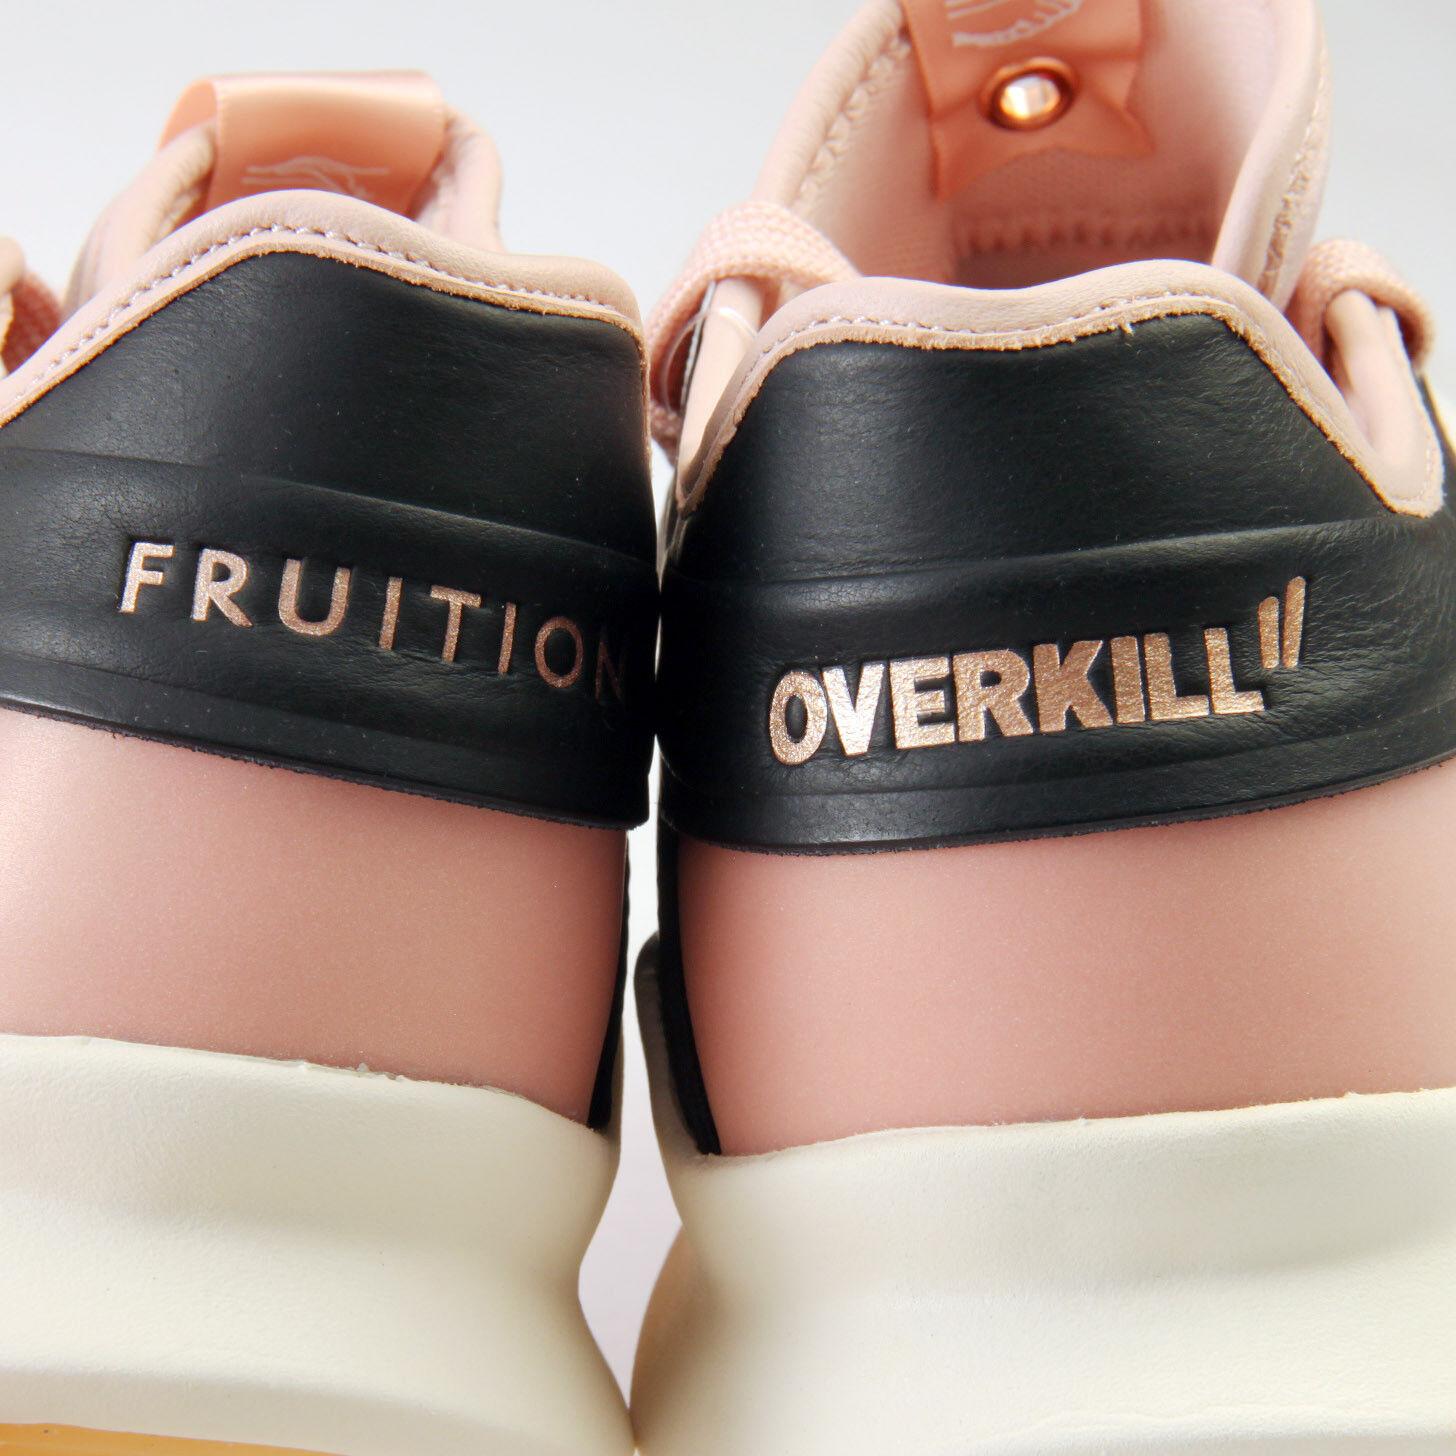 Adidas eqt schnürung x adv s overkill x schnürung tragen frauen cm7998 rosa schuhe größe 6,5 9be563